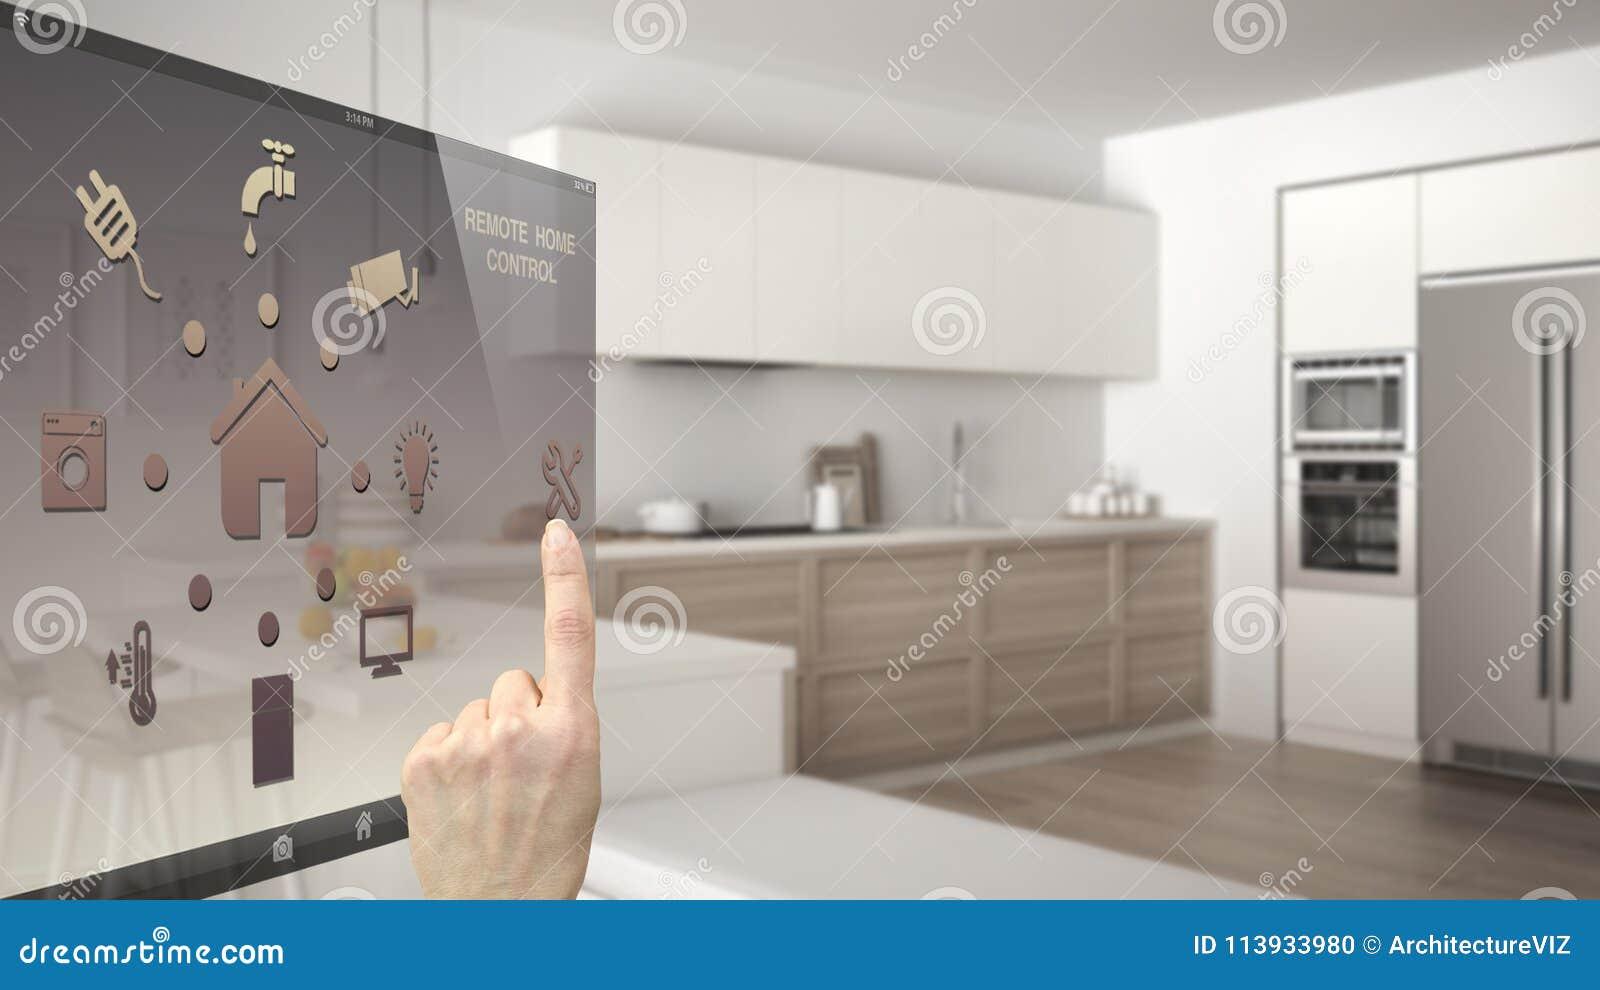 Smart returnerar kontrollbegreppet, handen som kontrollerar den digitala manöverenheten från mobilen app Suddig bakgrund som visa